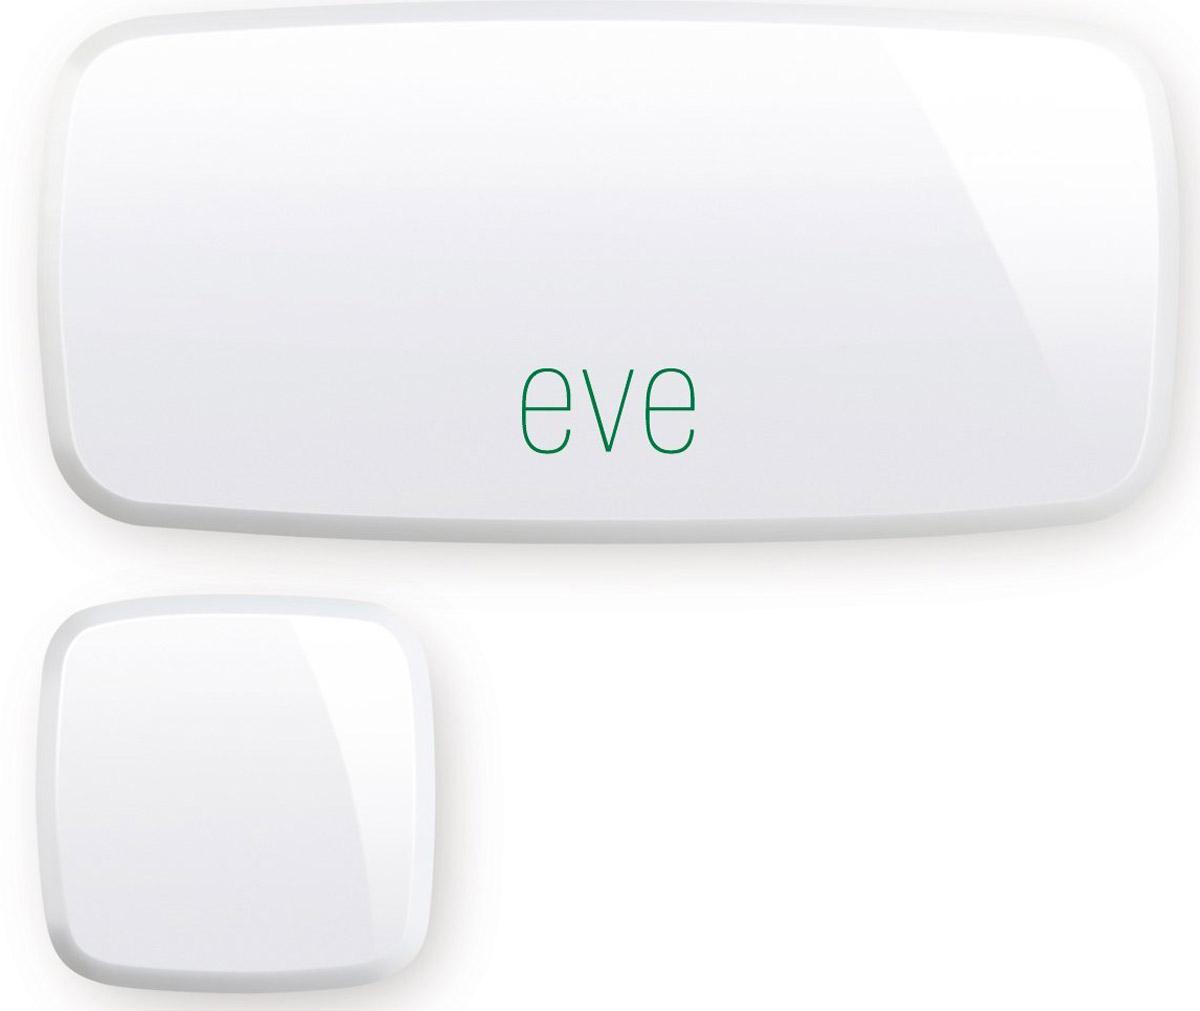 Elgato Eve Door & Window умный датчик охранных систем и сигнализаций - Охранное оборудование для дома и дачи